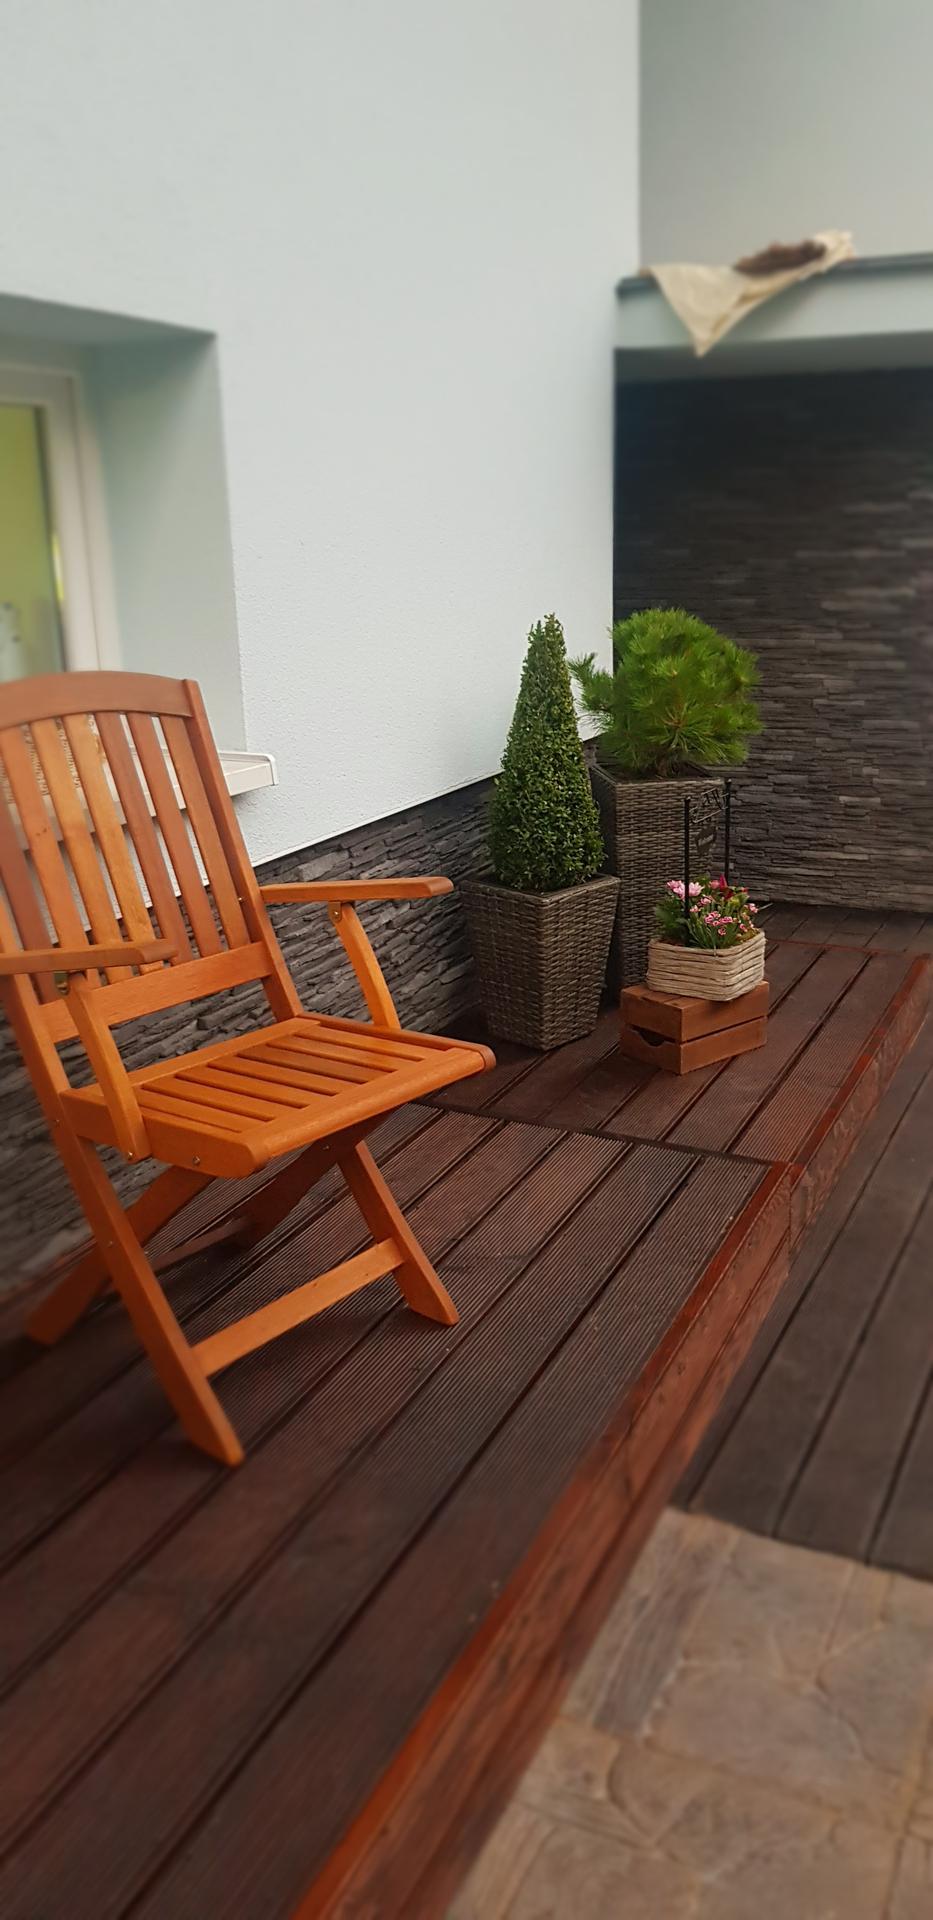 Naša rekonštrukcia - ... hotová podstienka a kúpené stoličky, chyba nájsť ešte vhodný stolík